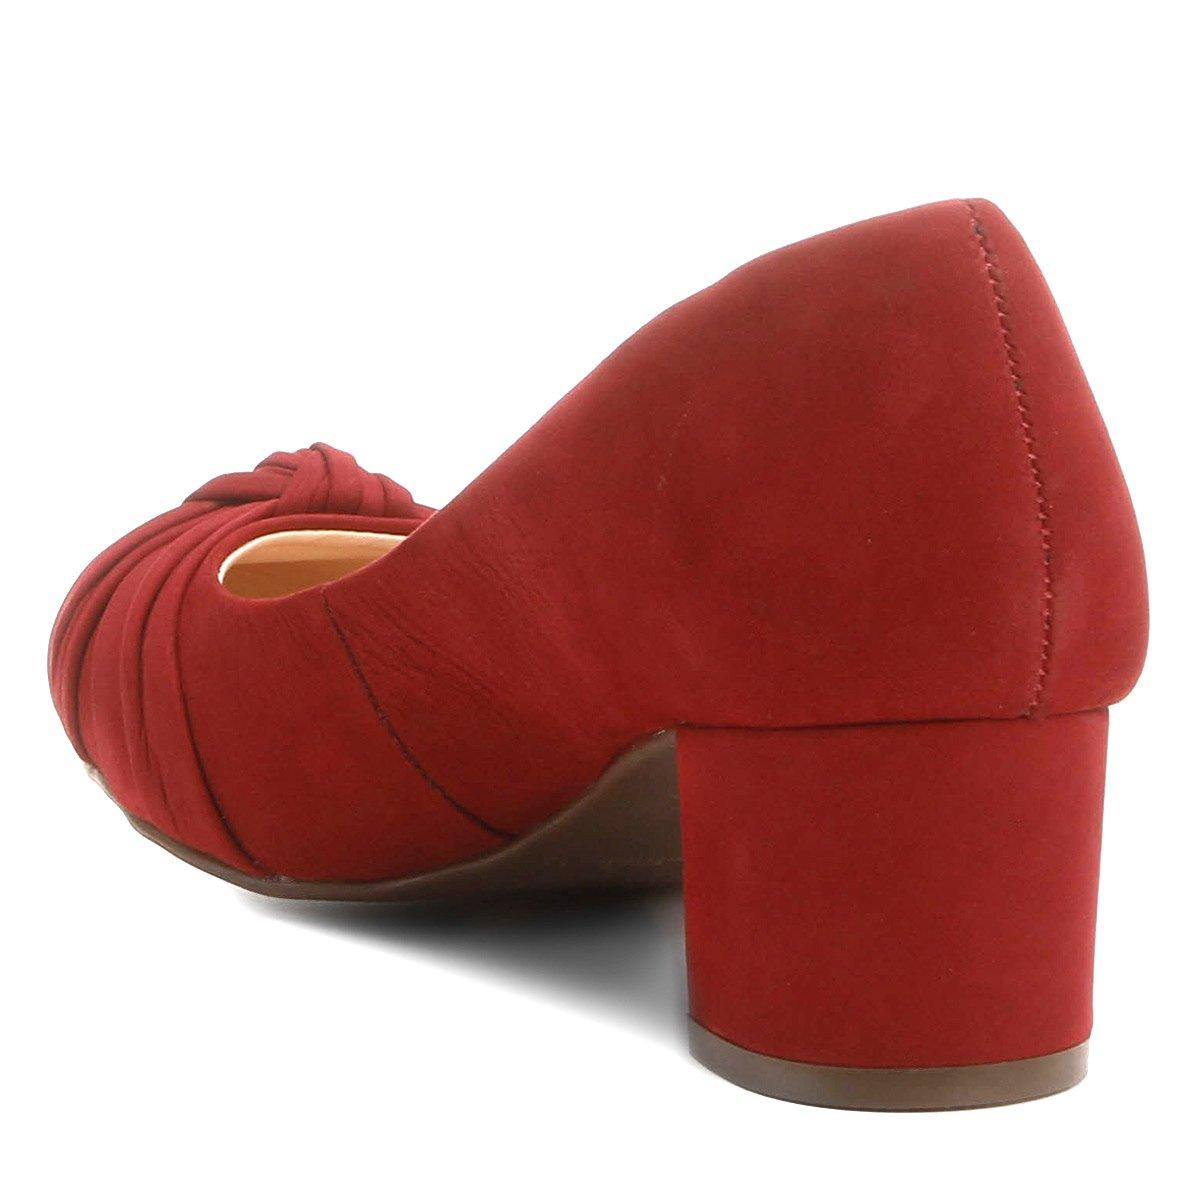 Nó Baixo Shoestock Couro Grosso Couro Scarpin Scarpin Vermelho Salto UqXX0w